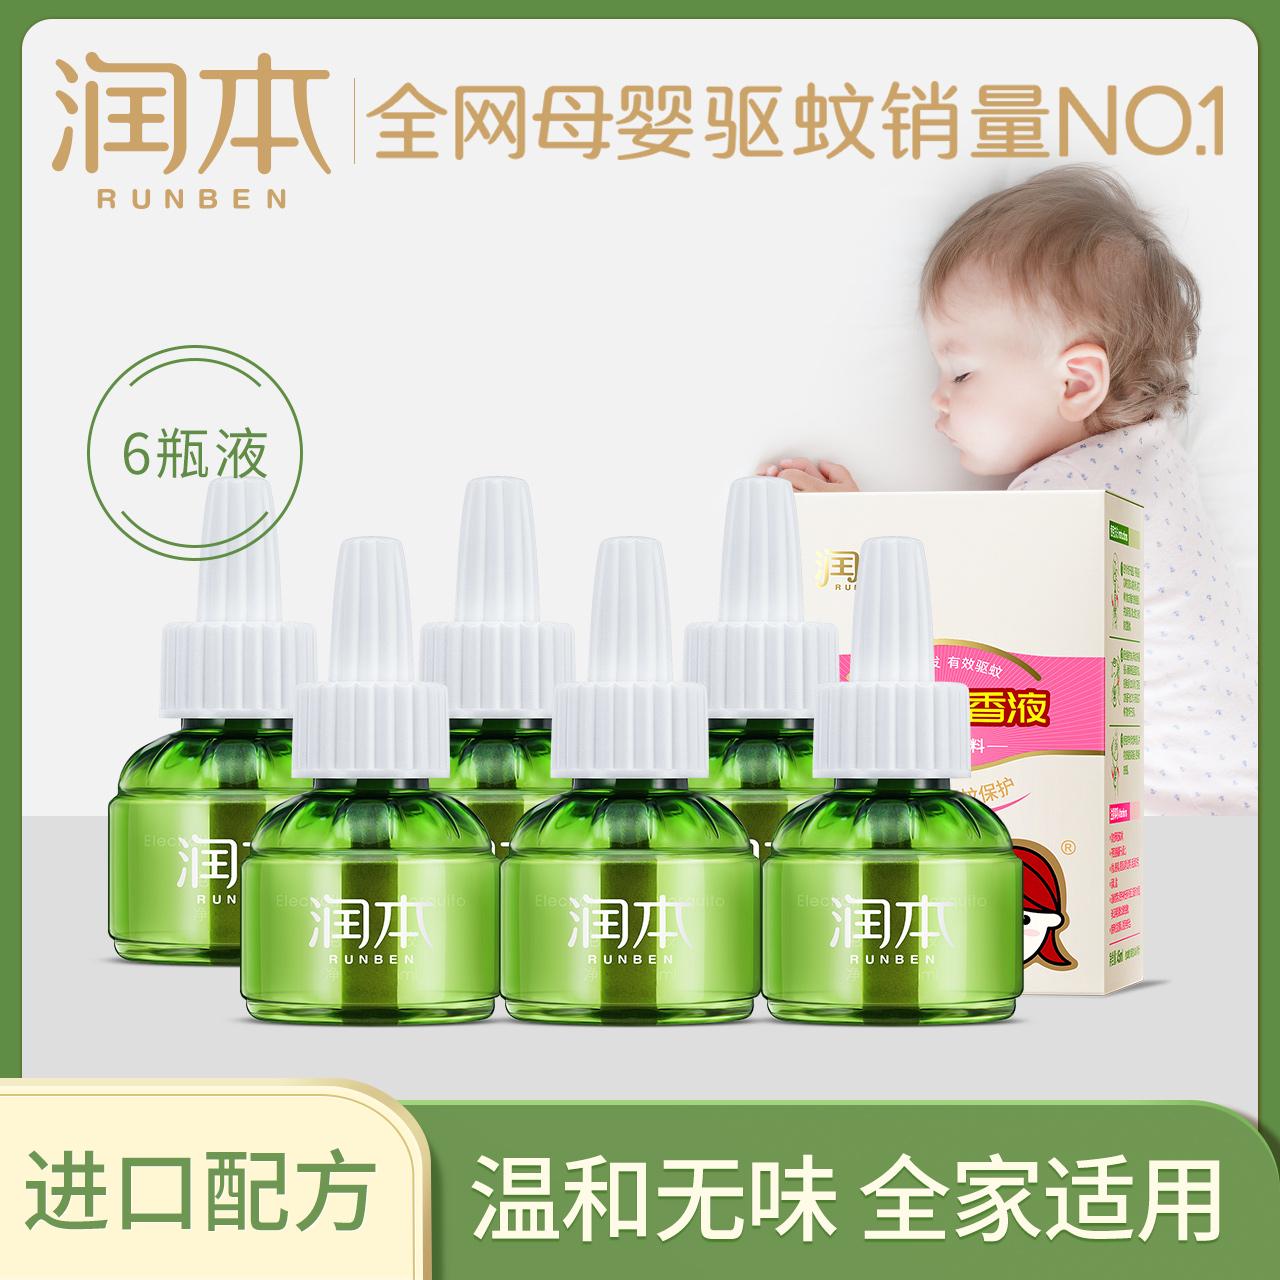 润本蚊香液儿童灭蚊驱蚊液无味婴儿电蚊香器家用室内插电式补充装